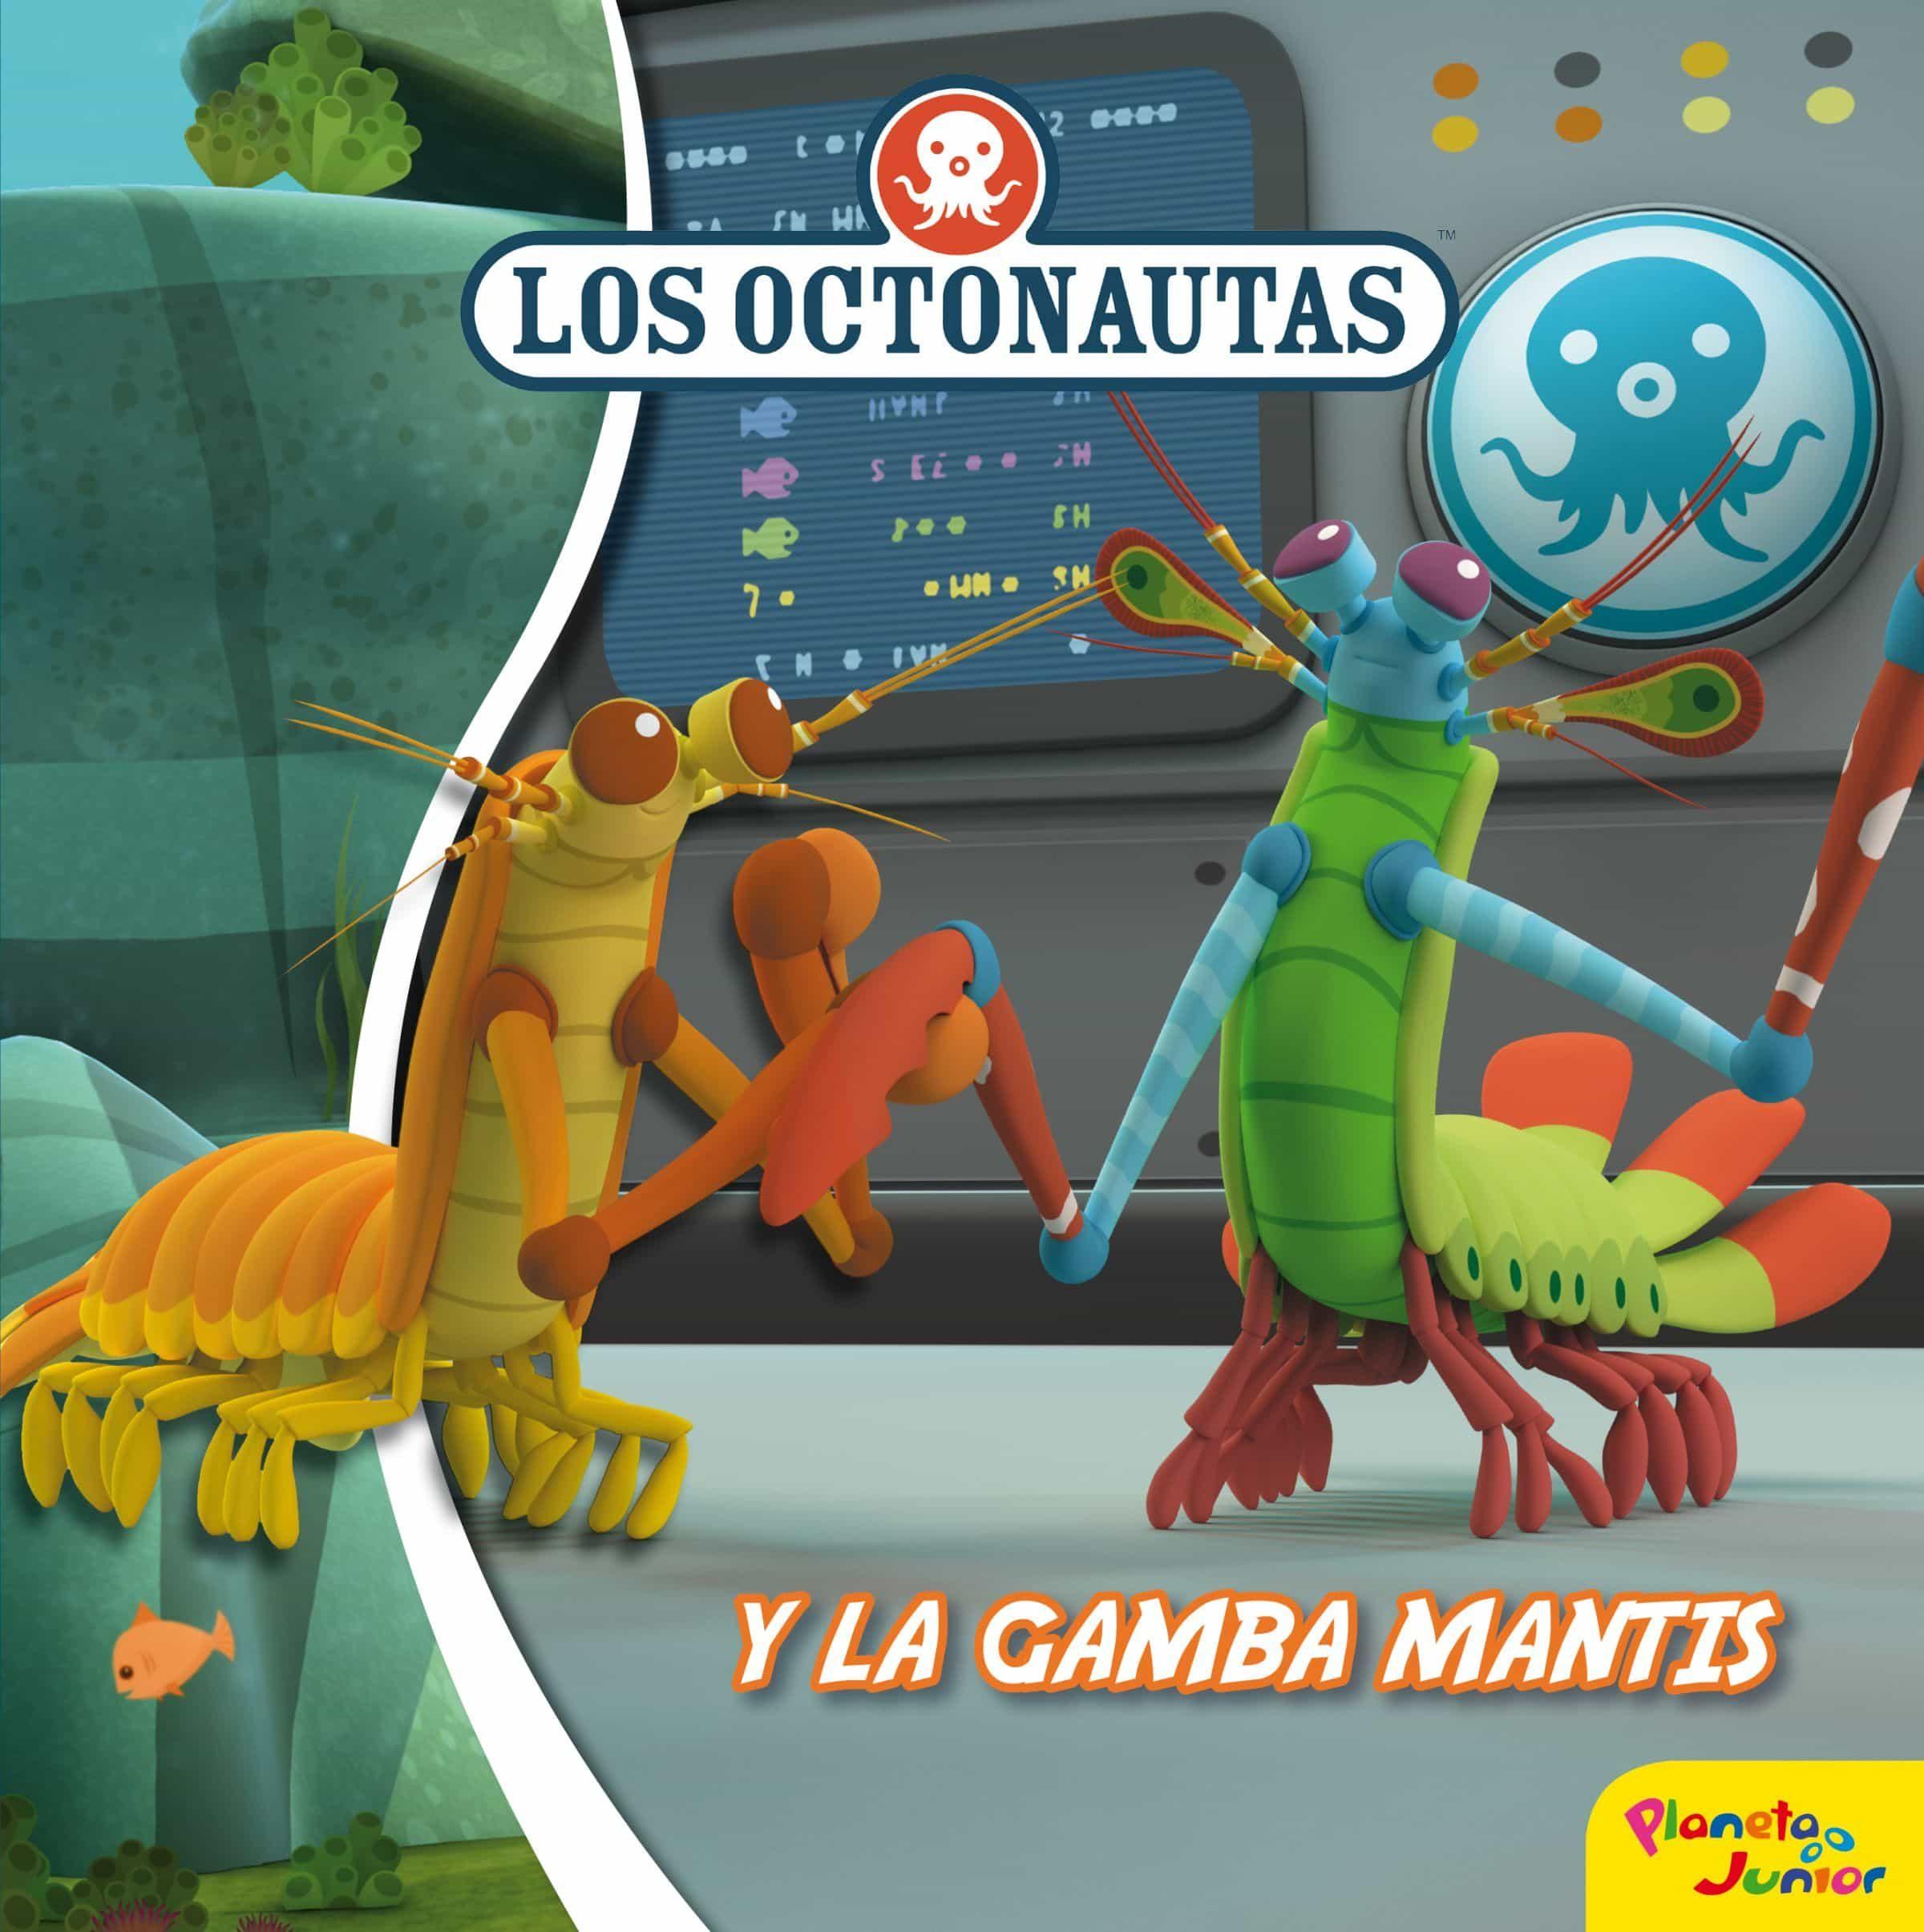 LOS OCTONAUTAS Y LA GAMBA MANTIS | VV.AA. | Comprar libro 9788408188315